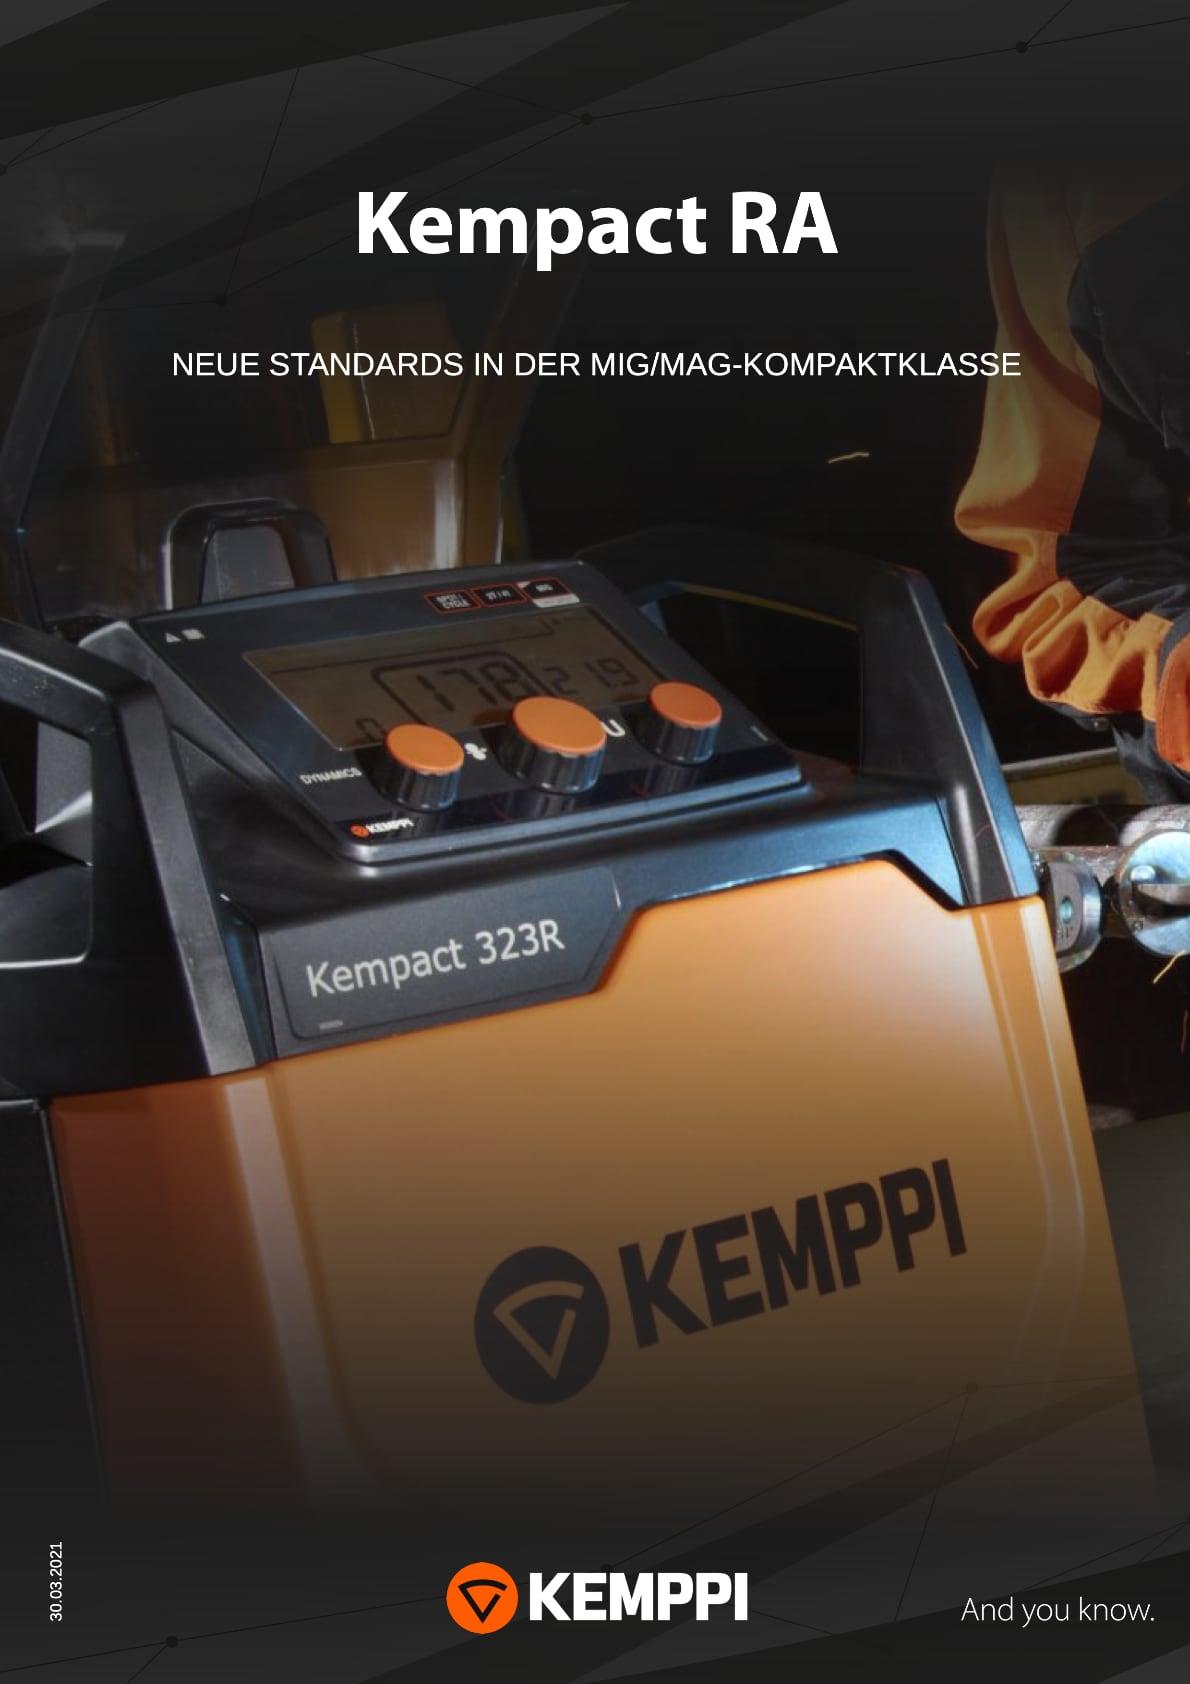 Schweißservice VT Bohmte - Kemppi Kempact RA